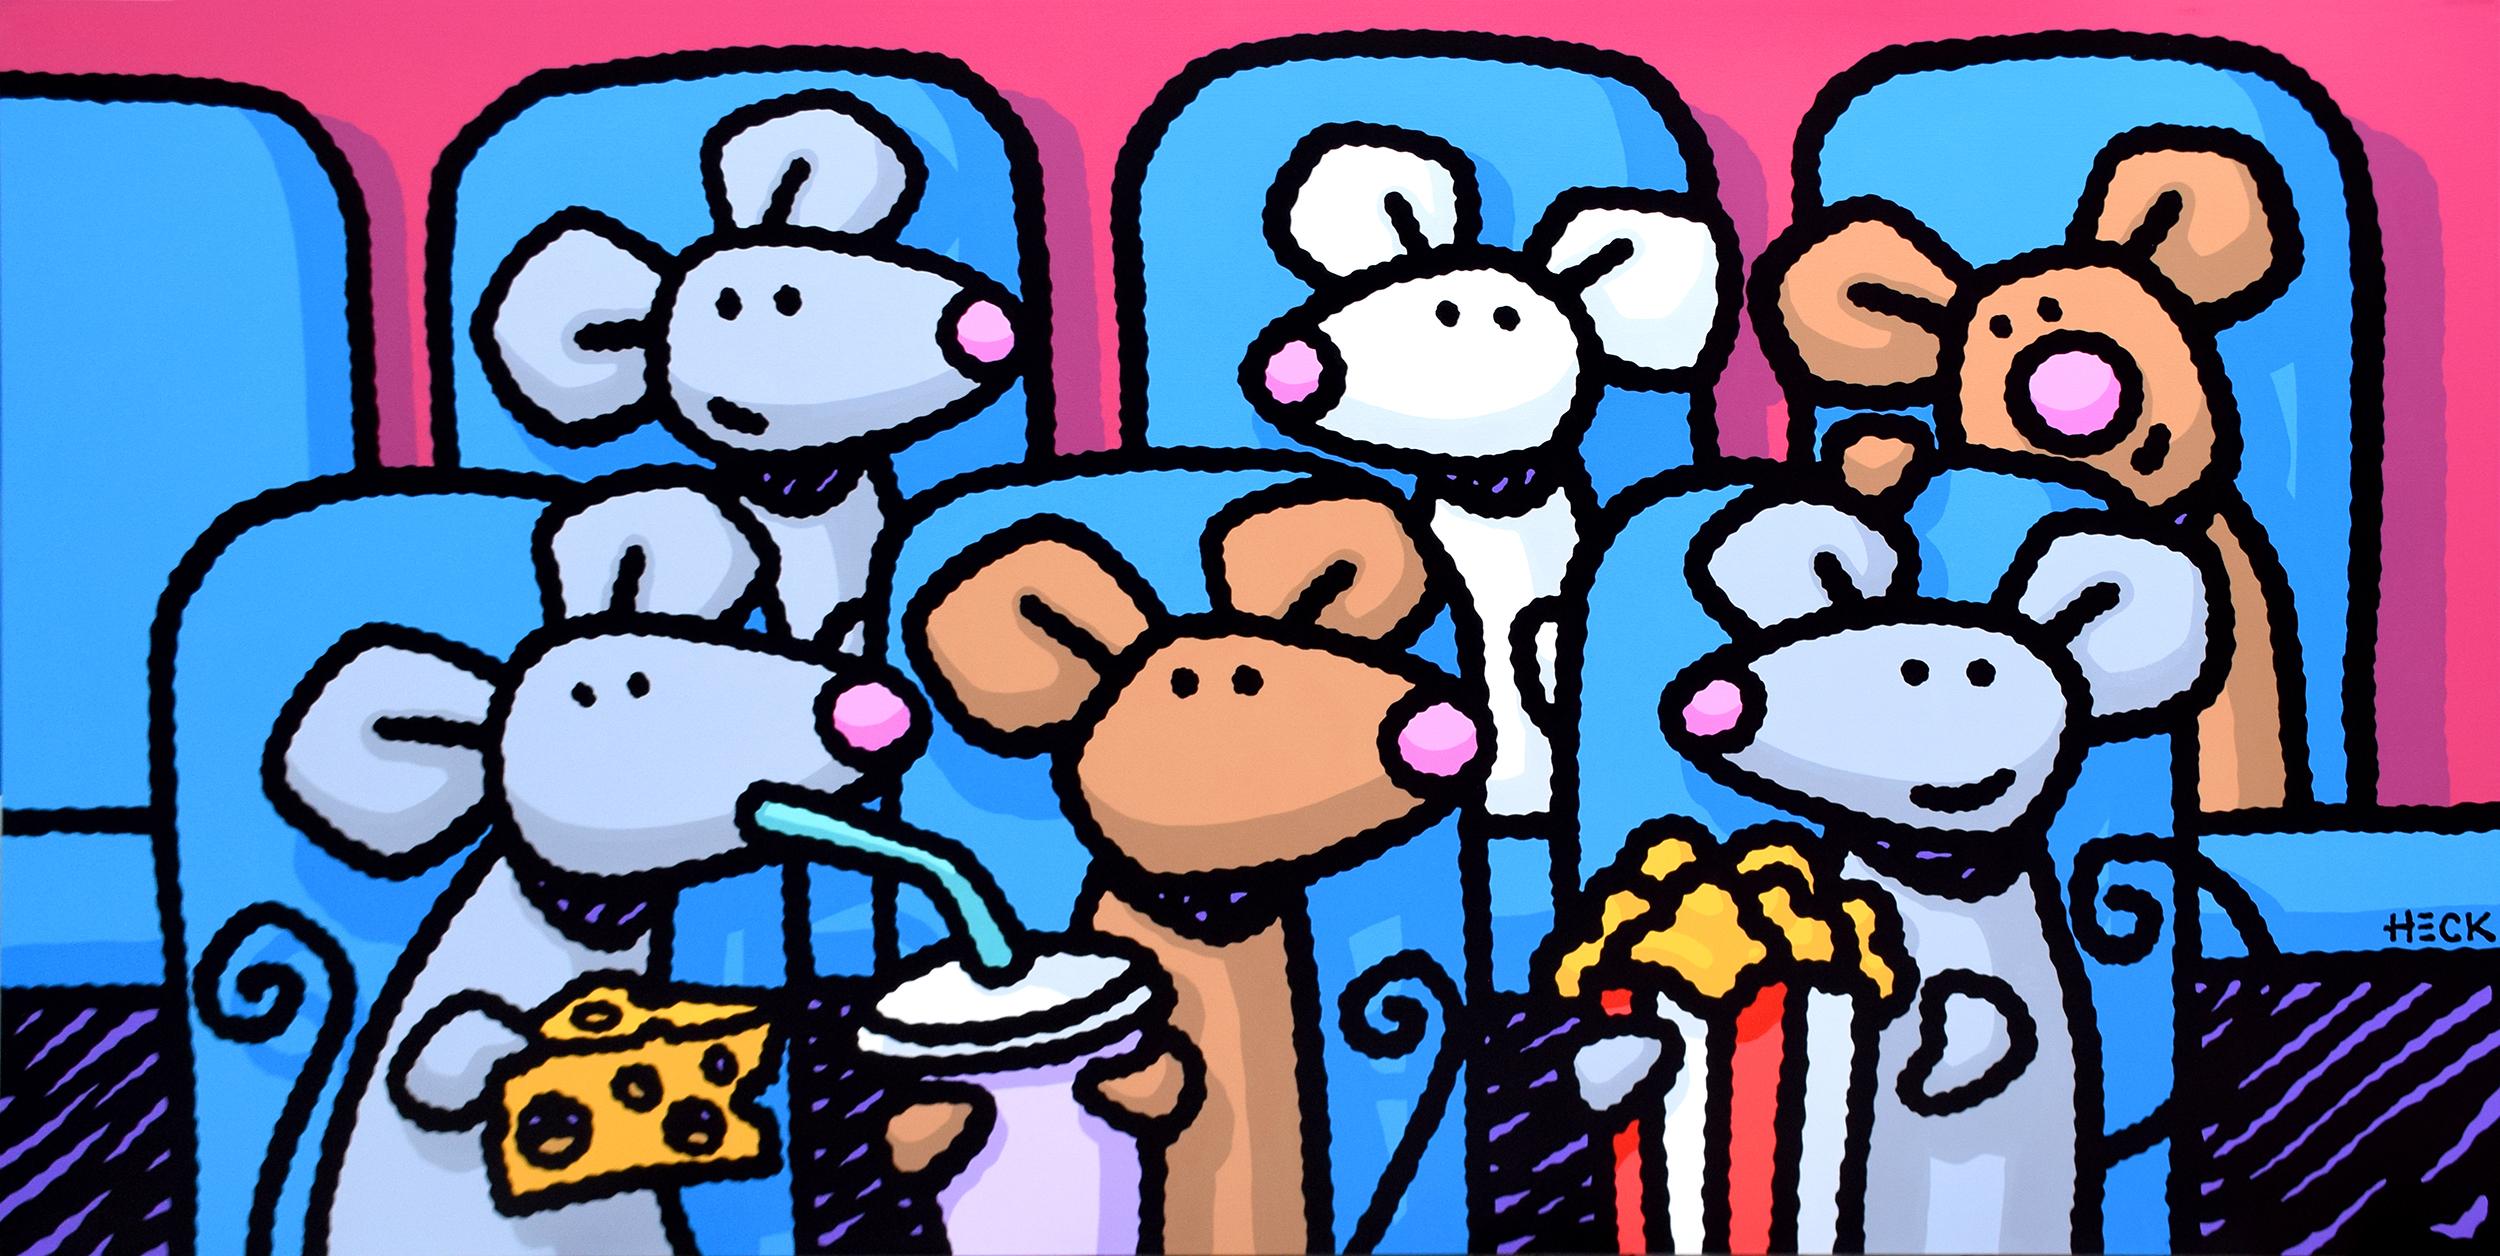 Ed Heck - At the movies , 6575-012-088